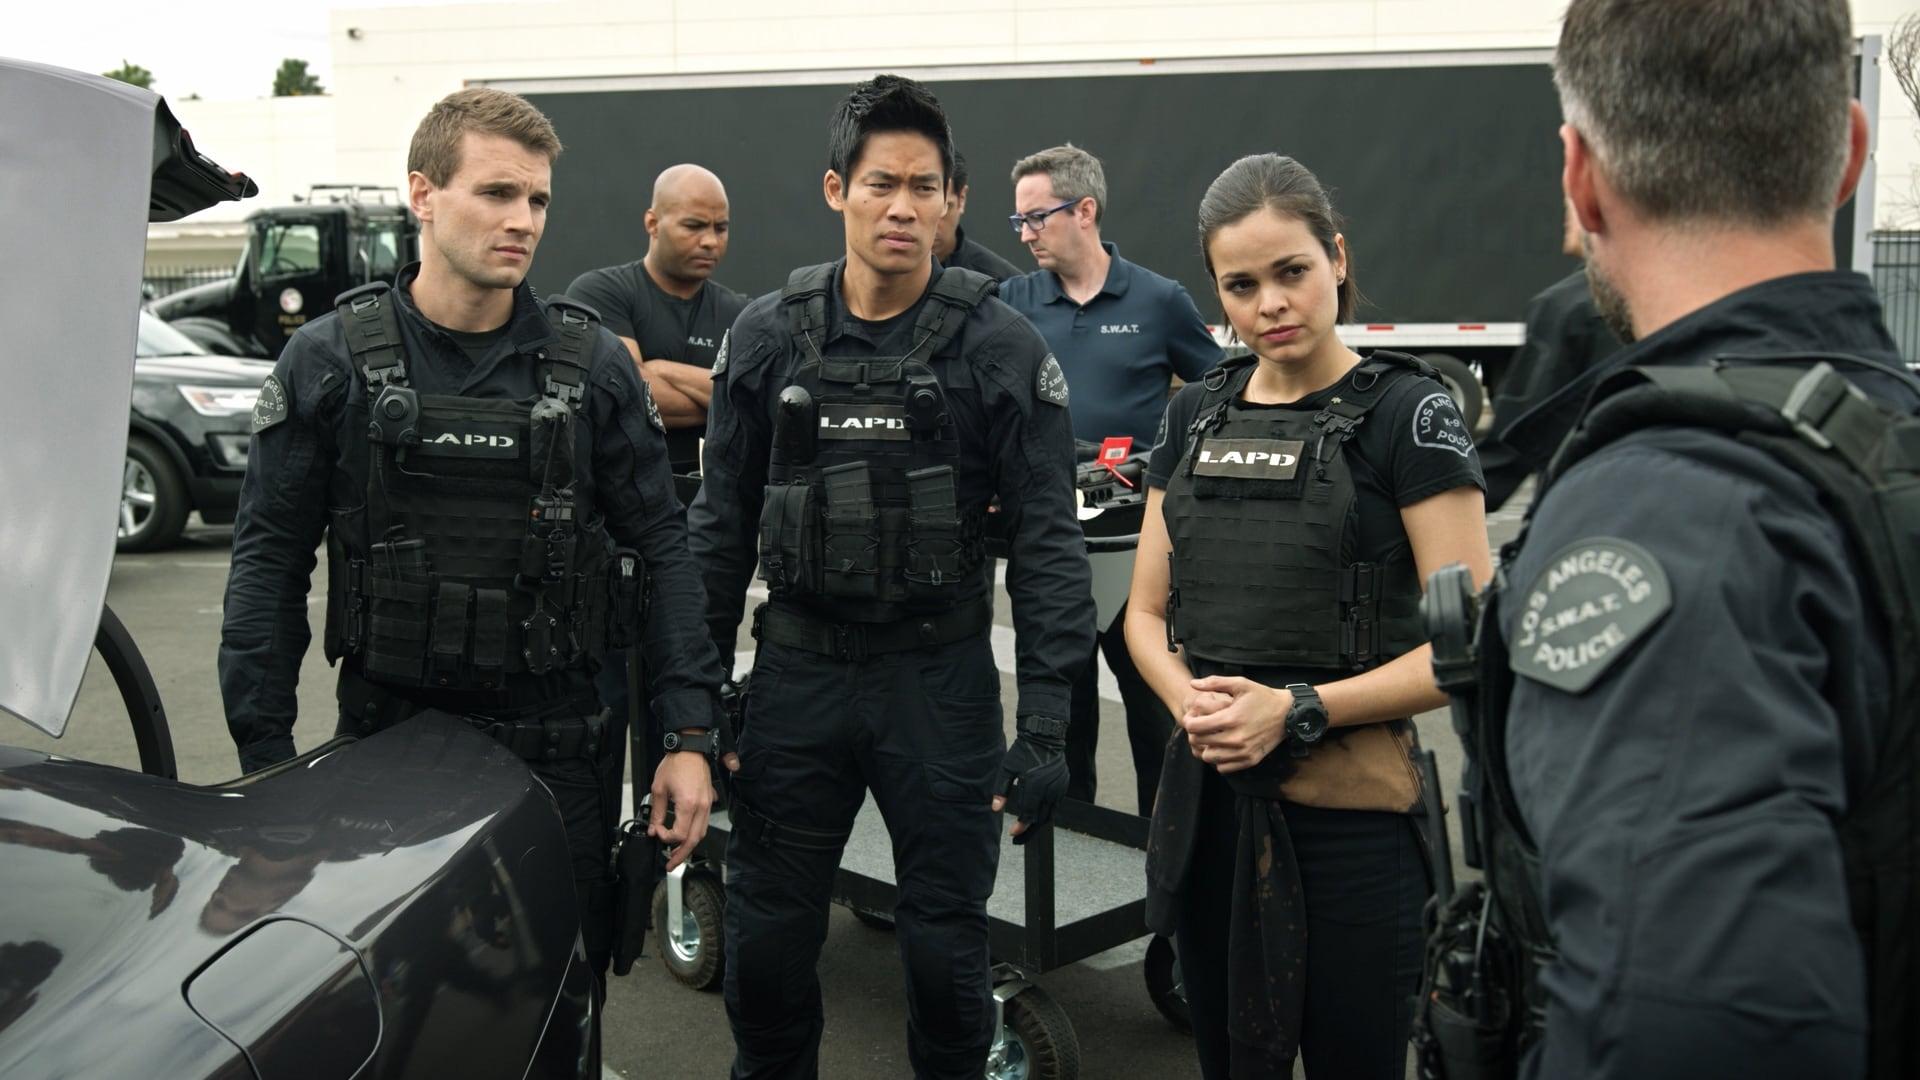 S.W.A.T. - Season 1 Episode 9 : Blindspots